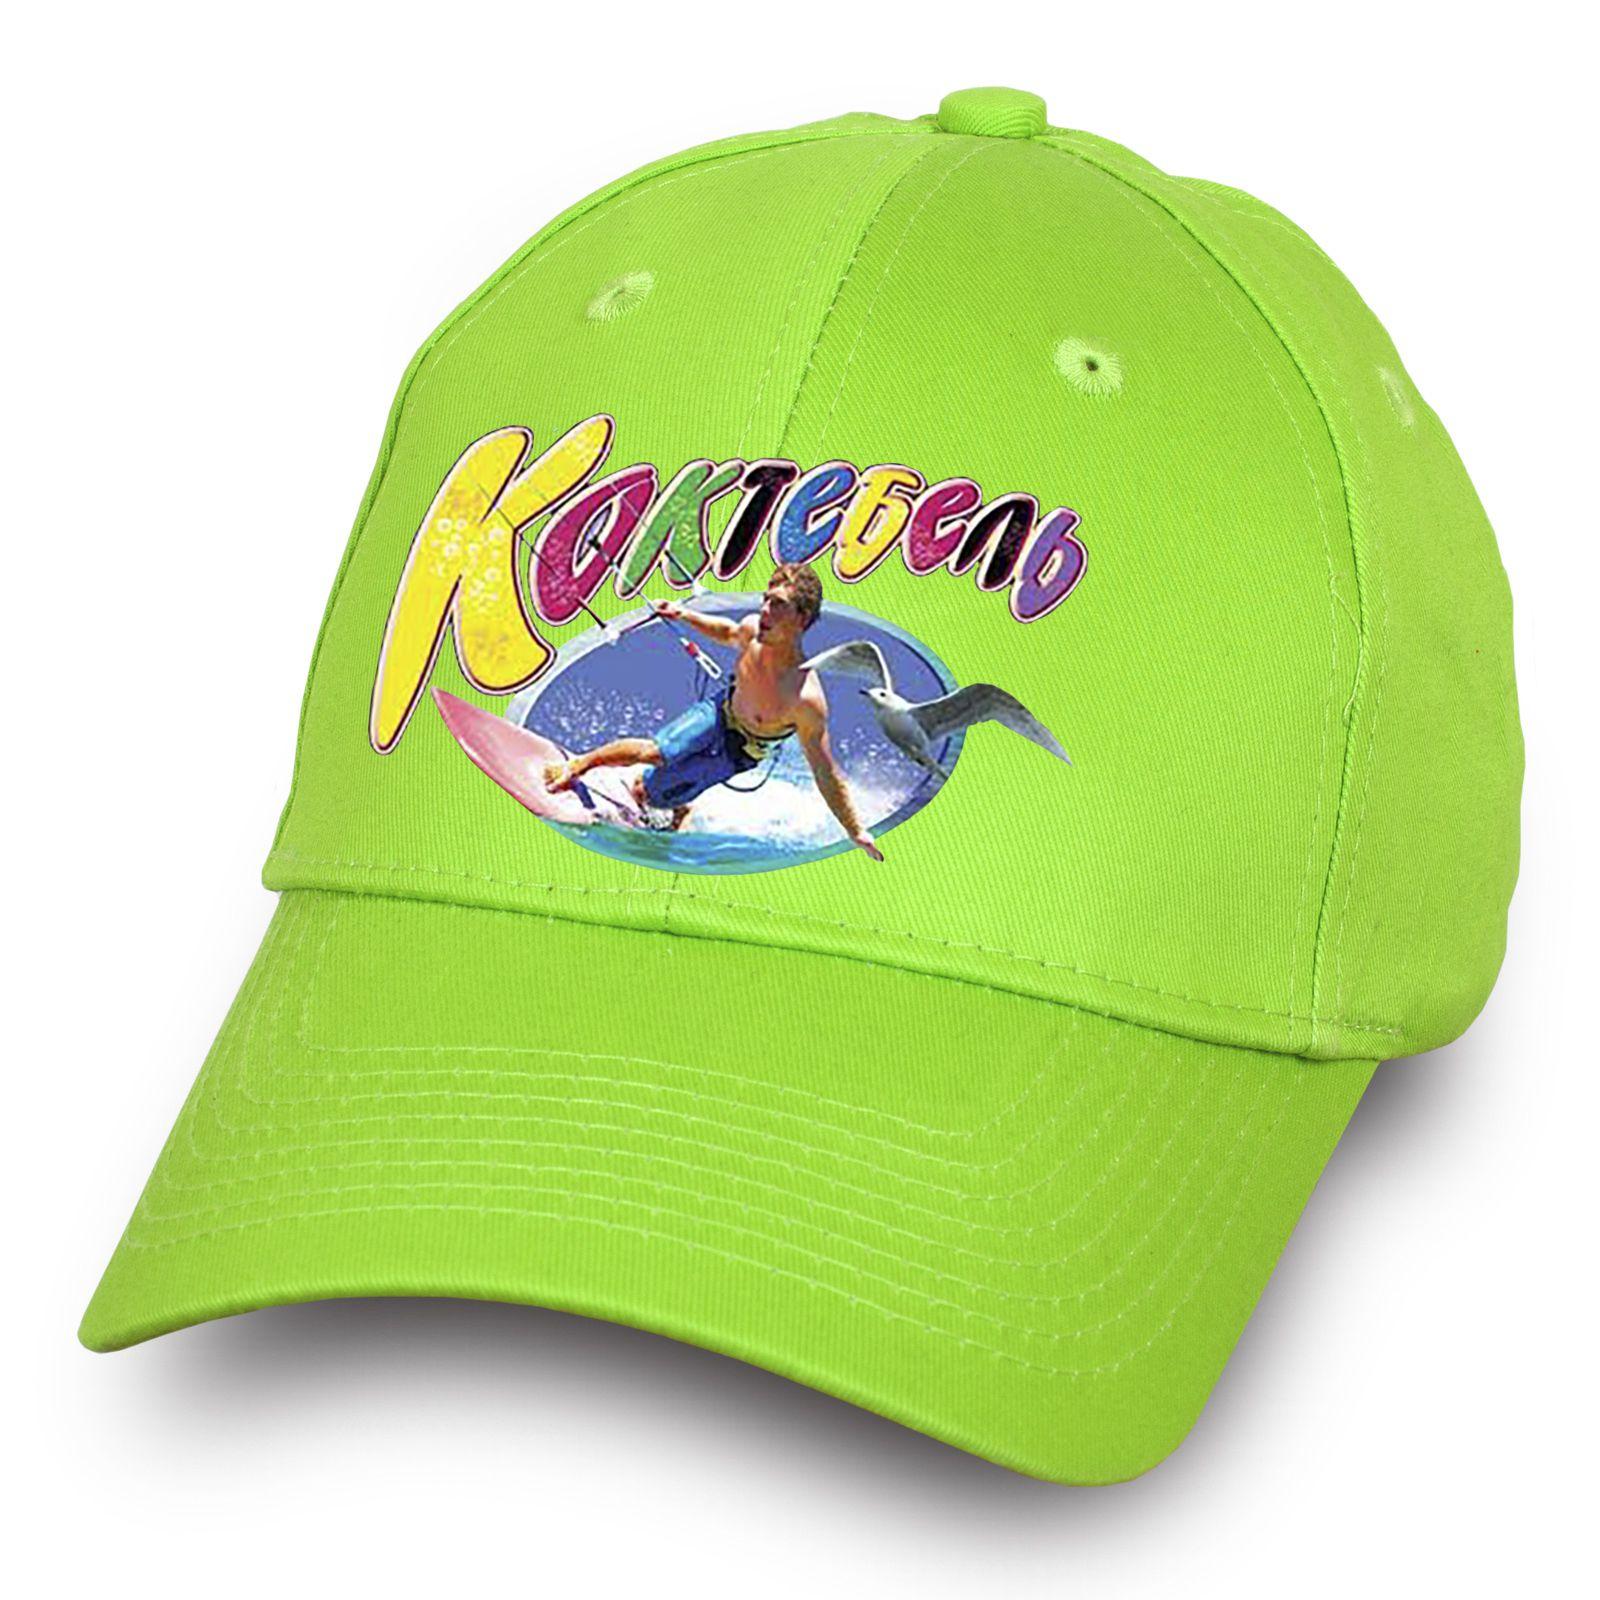 Модная бейсболка для морских прогулок в Коктебеле - купить с доставкой